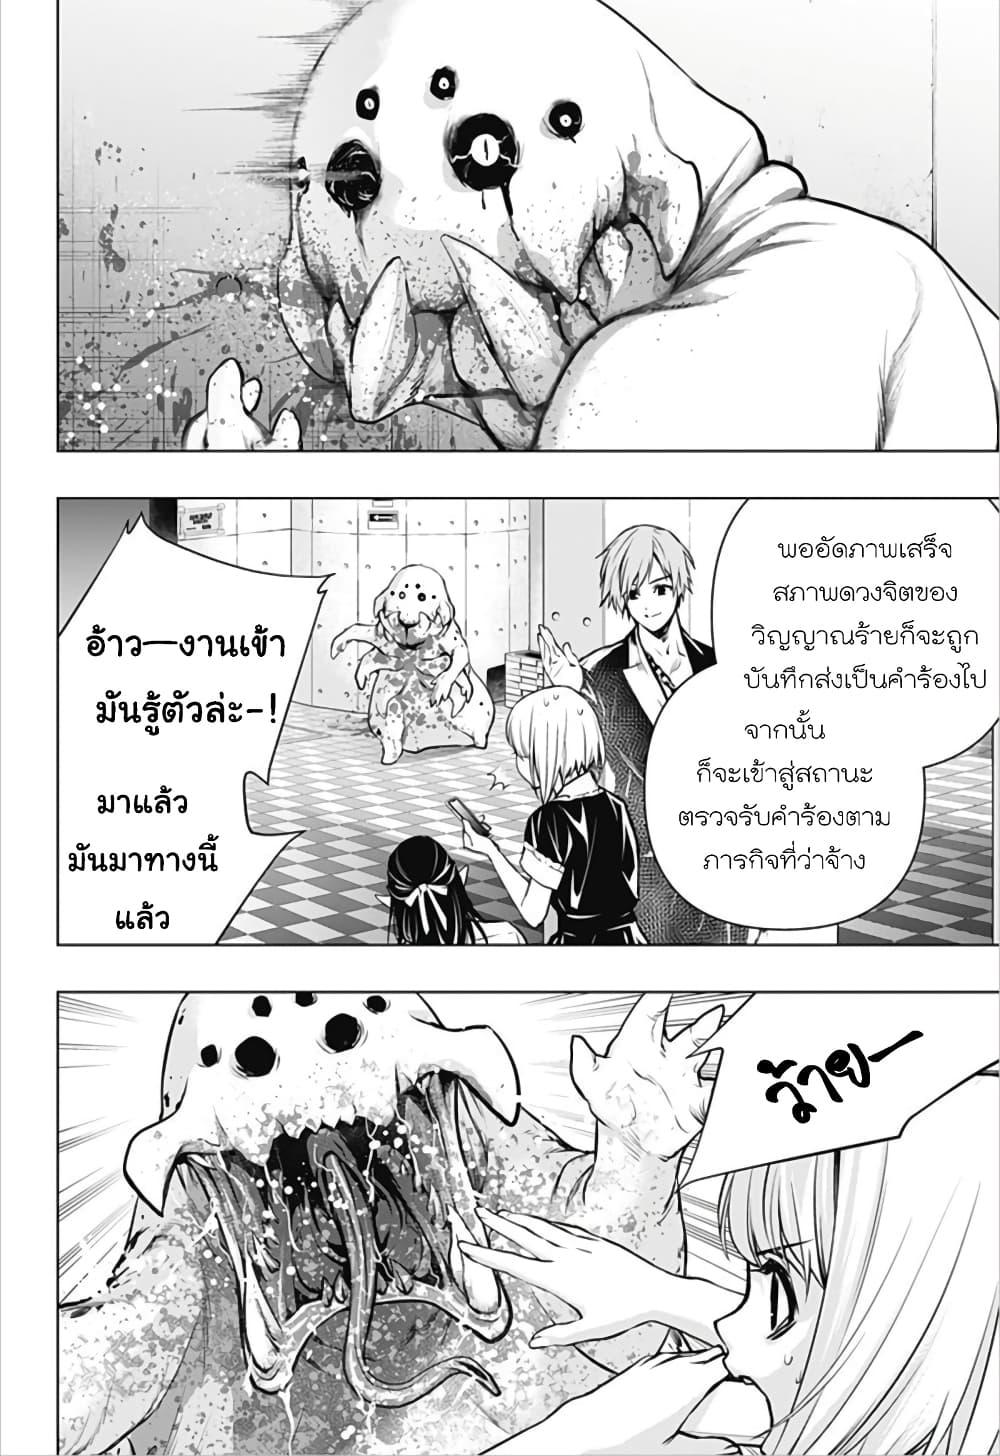 อ่านการ์ตูน Ghost Girl ตอนที่ 7 หน้าที่ 7